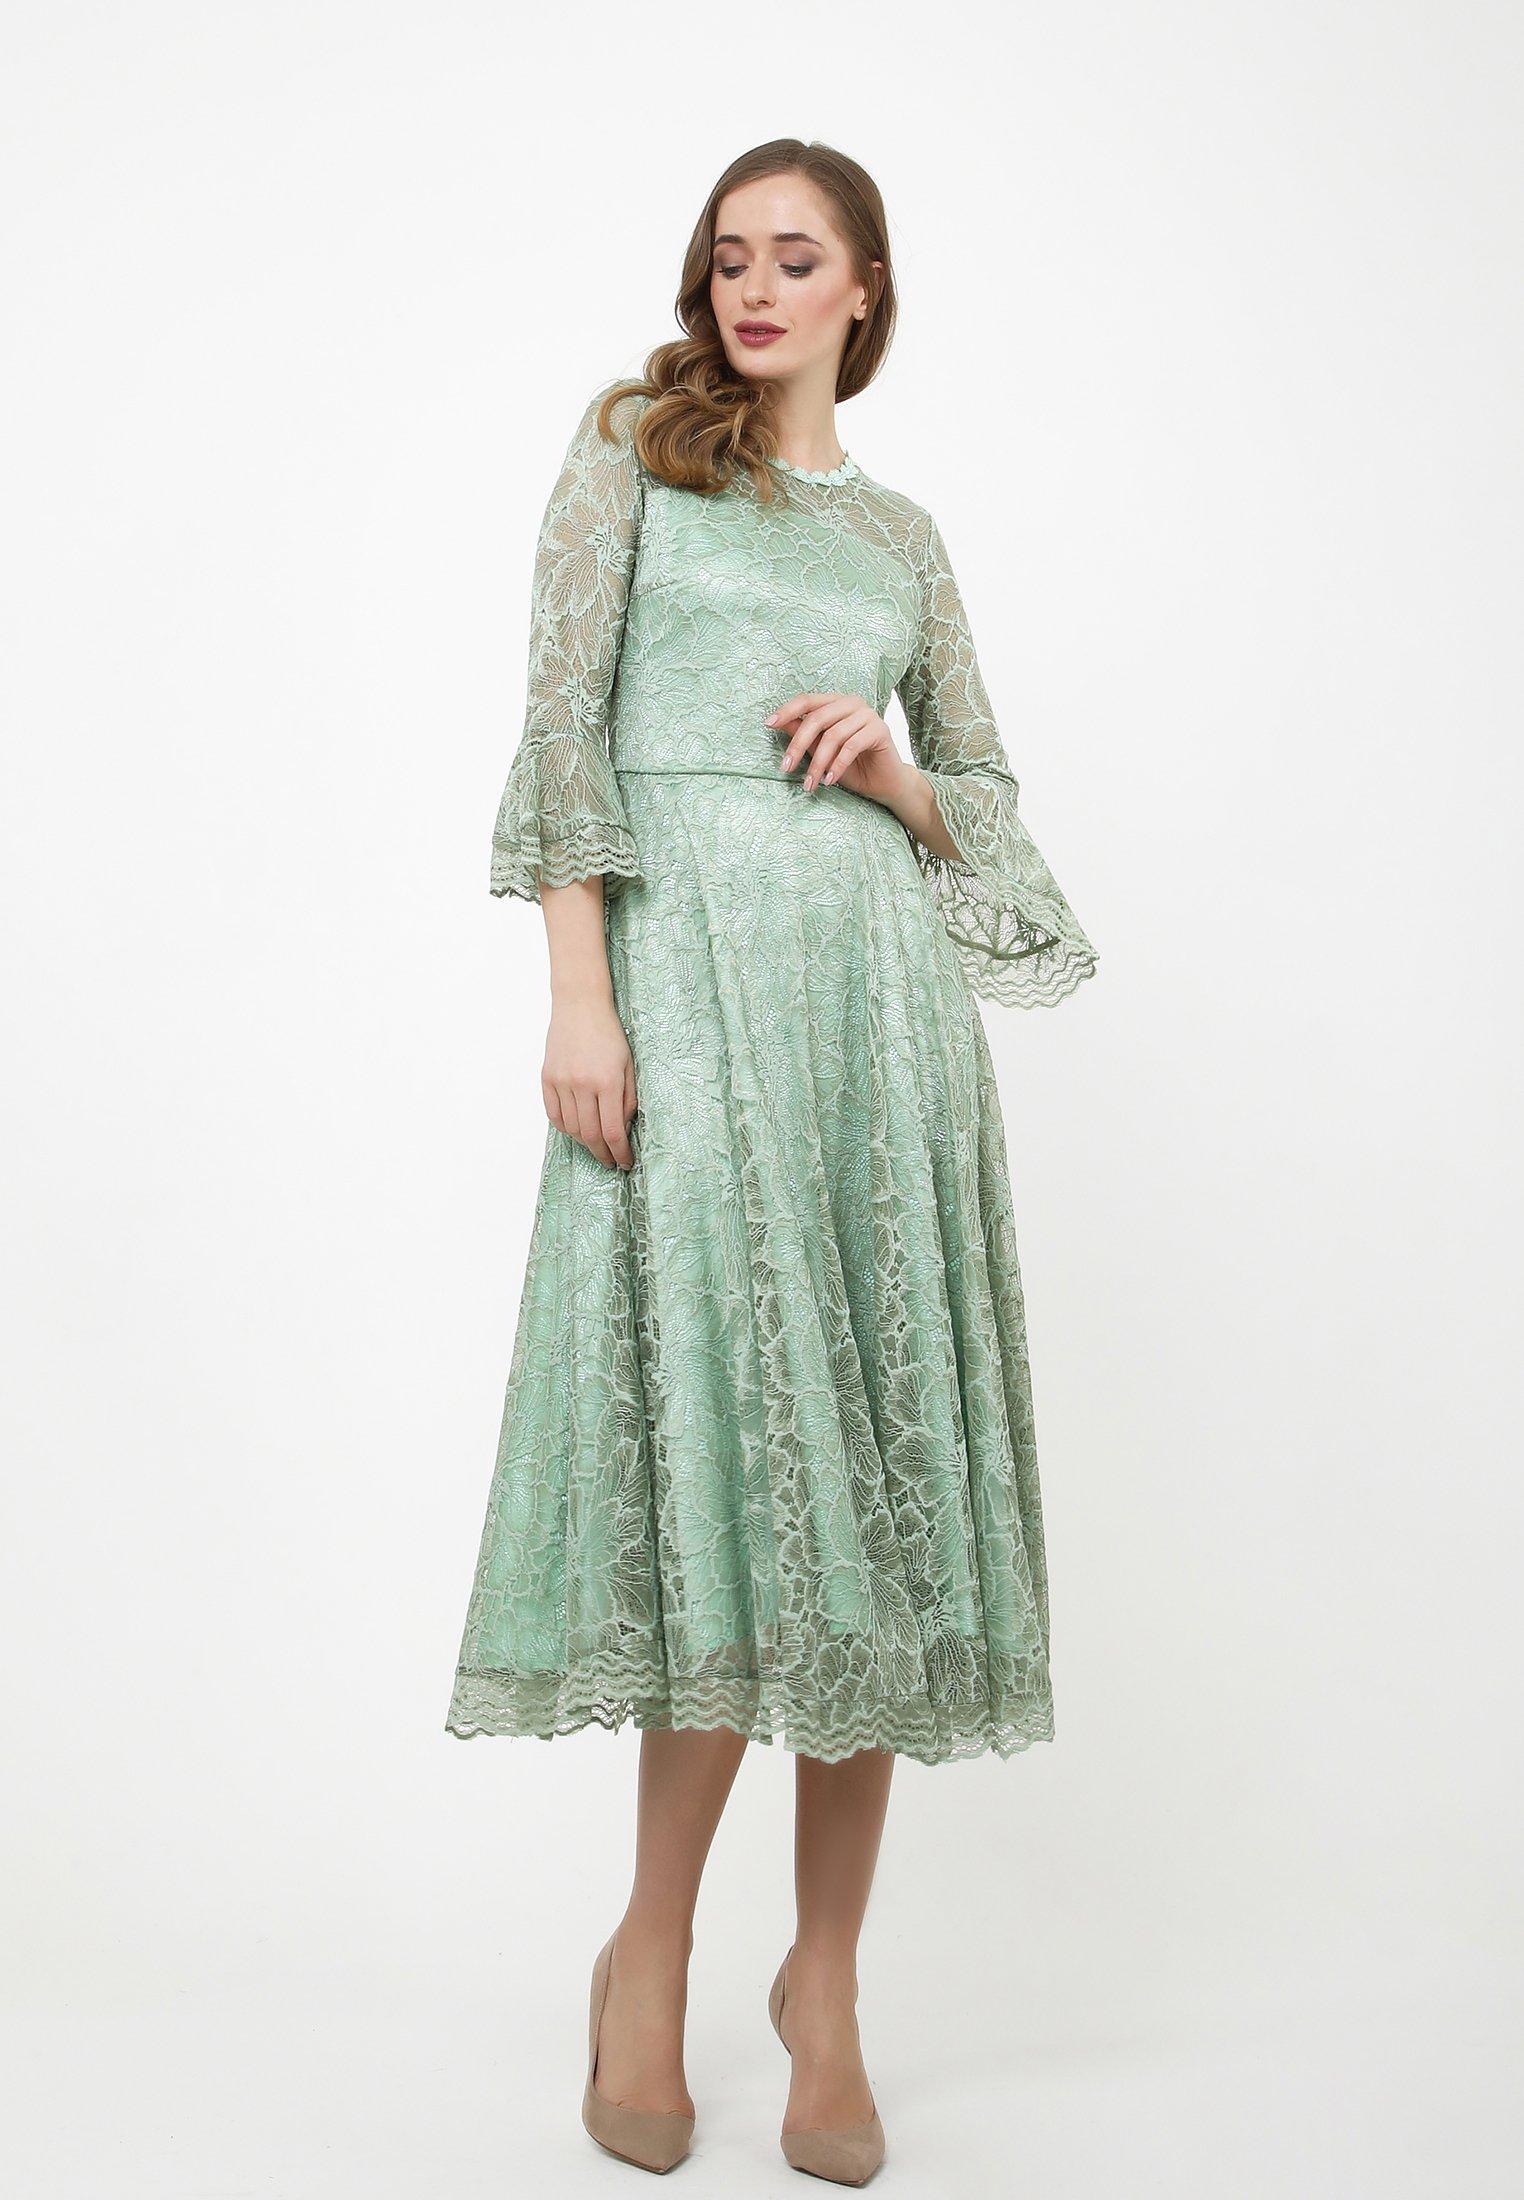 Donna Vestito elegante